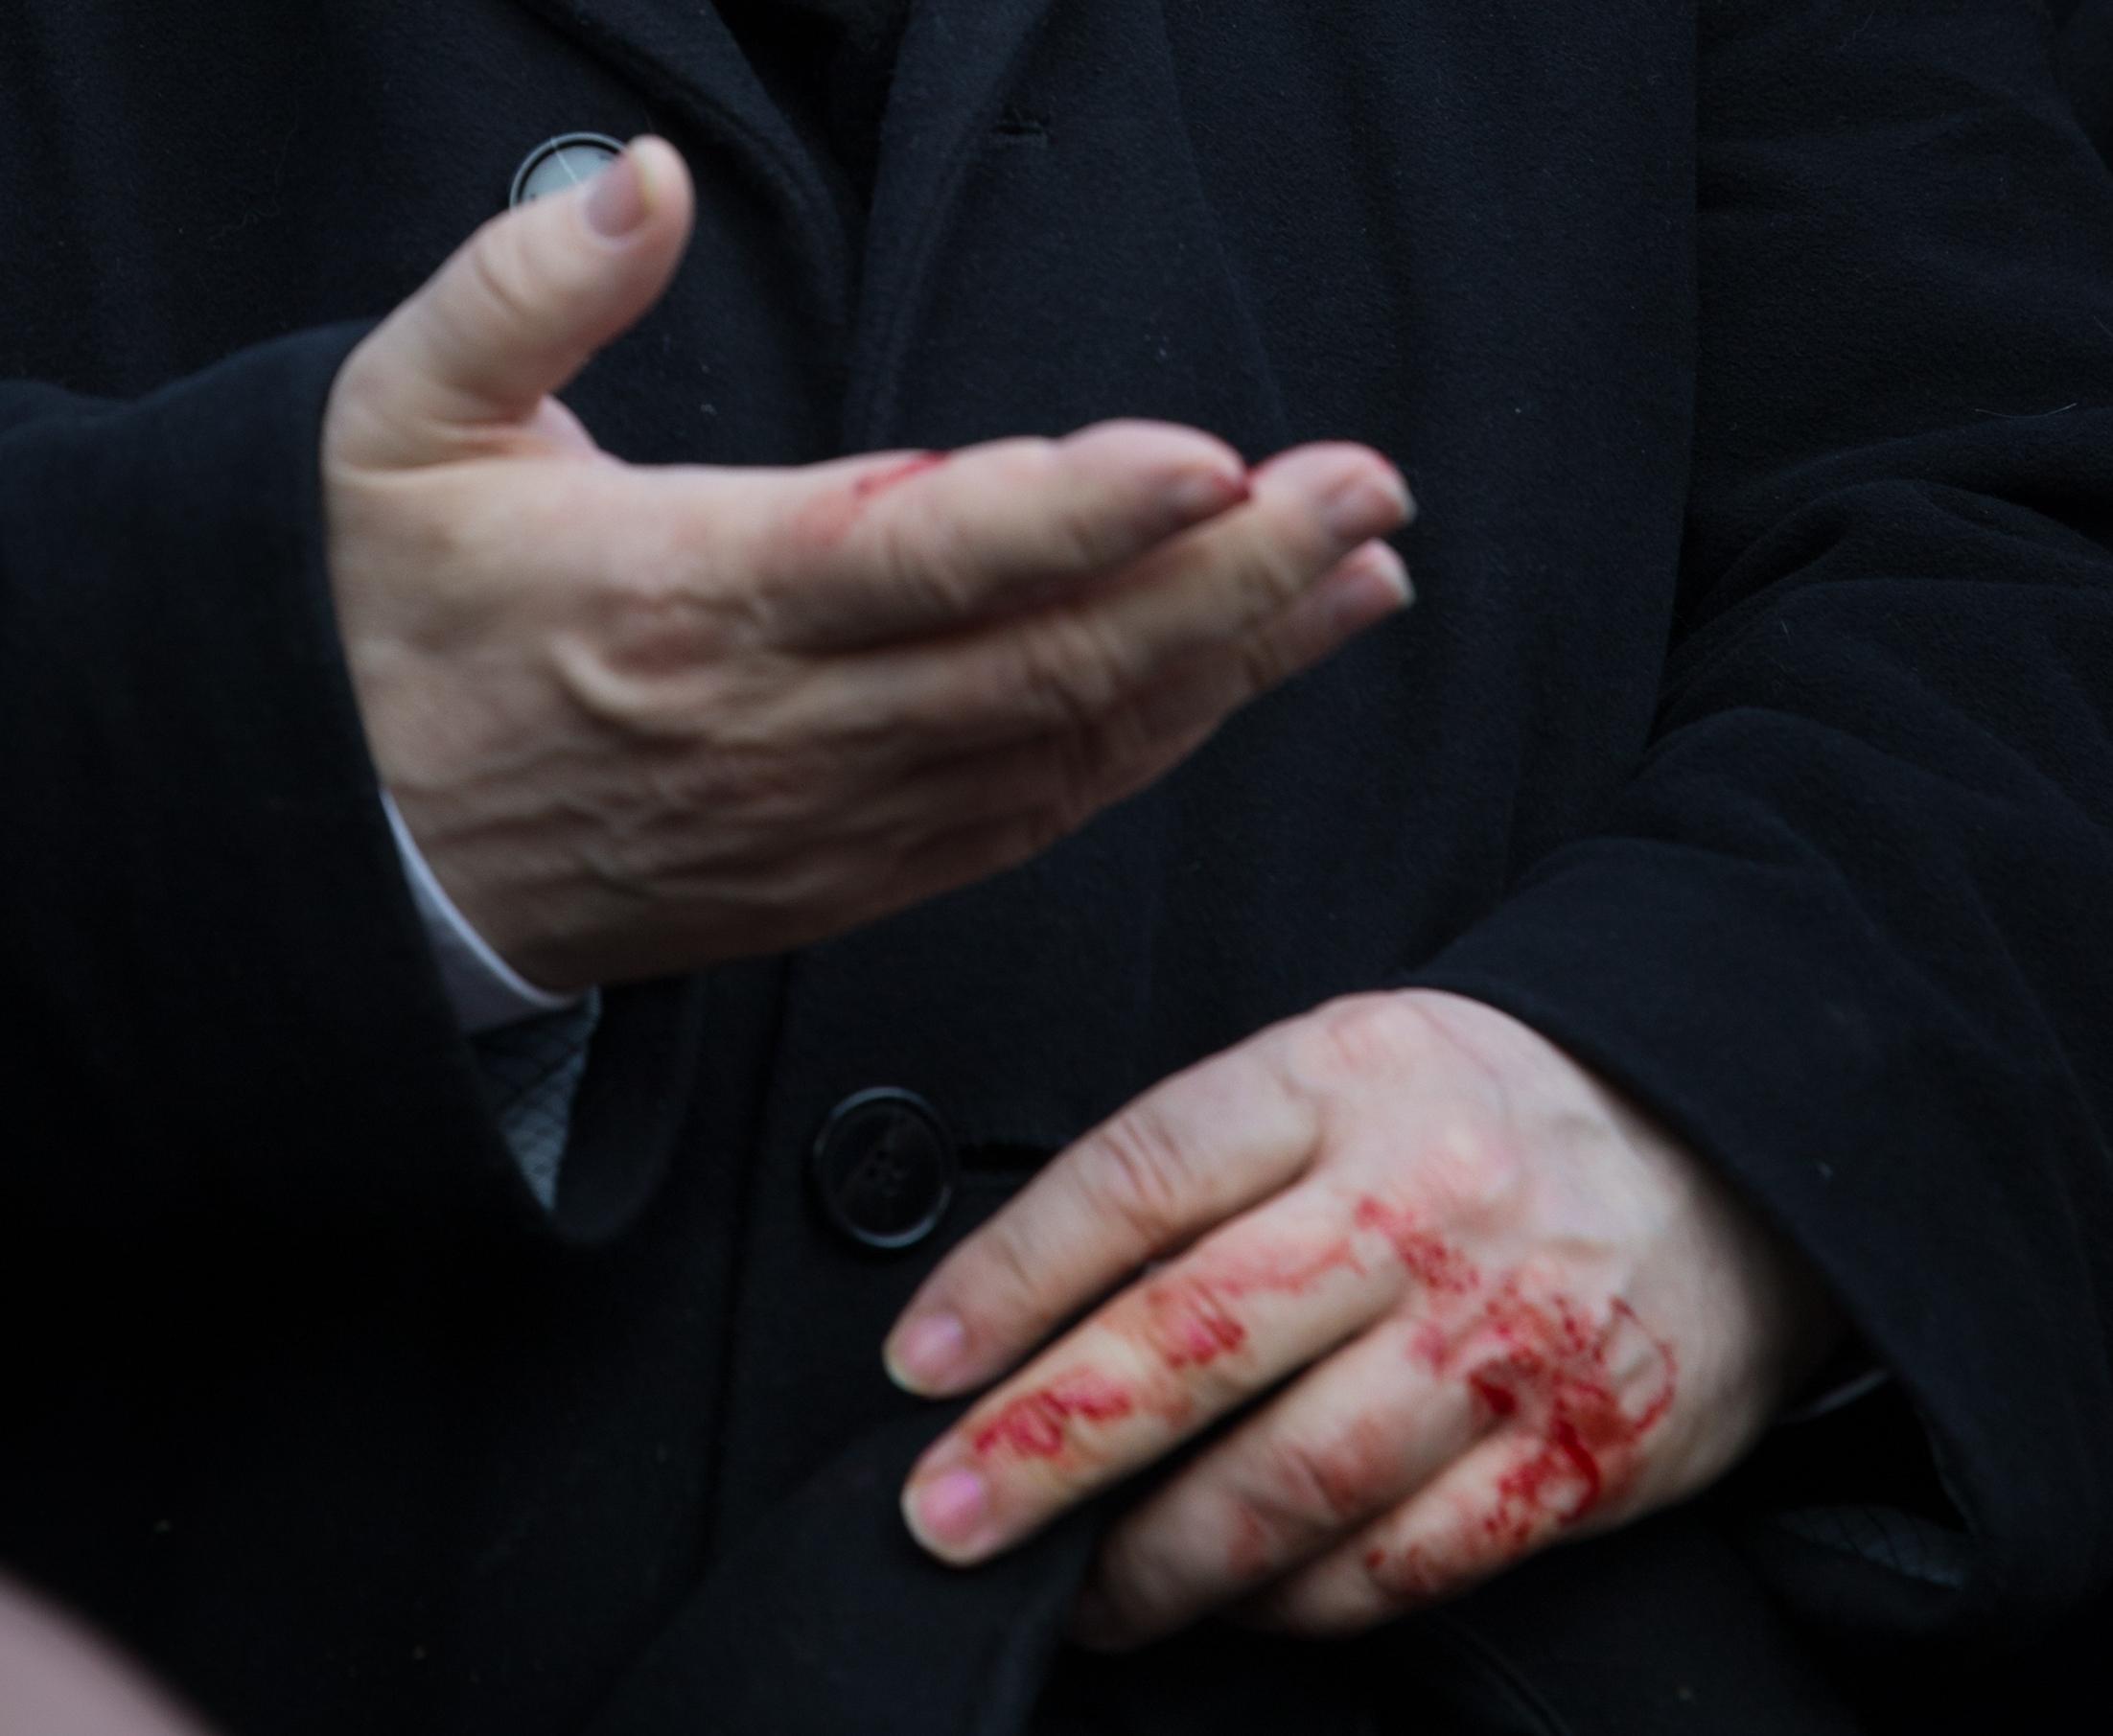 Prezes Jarosław Kaczyński zranił się w rękę